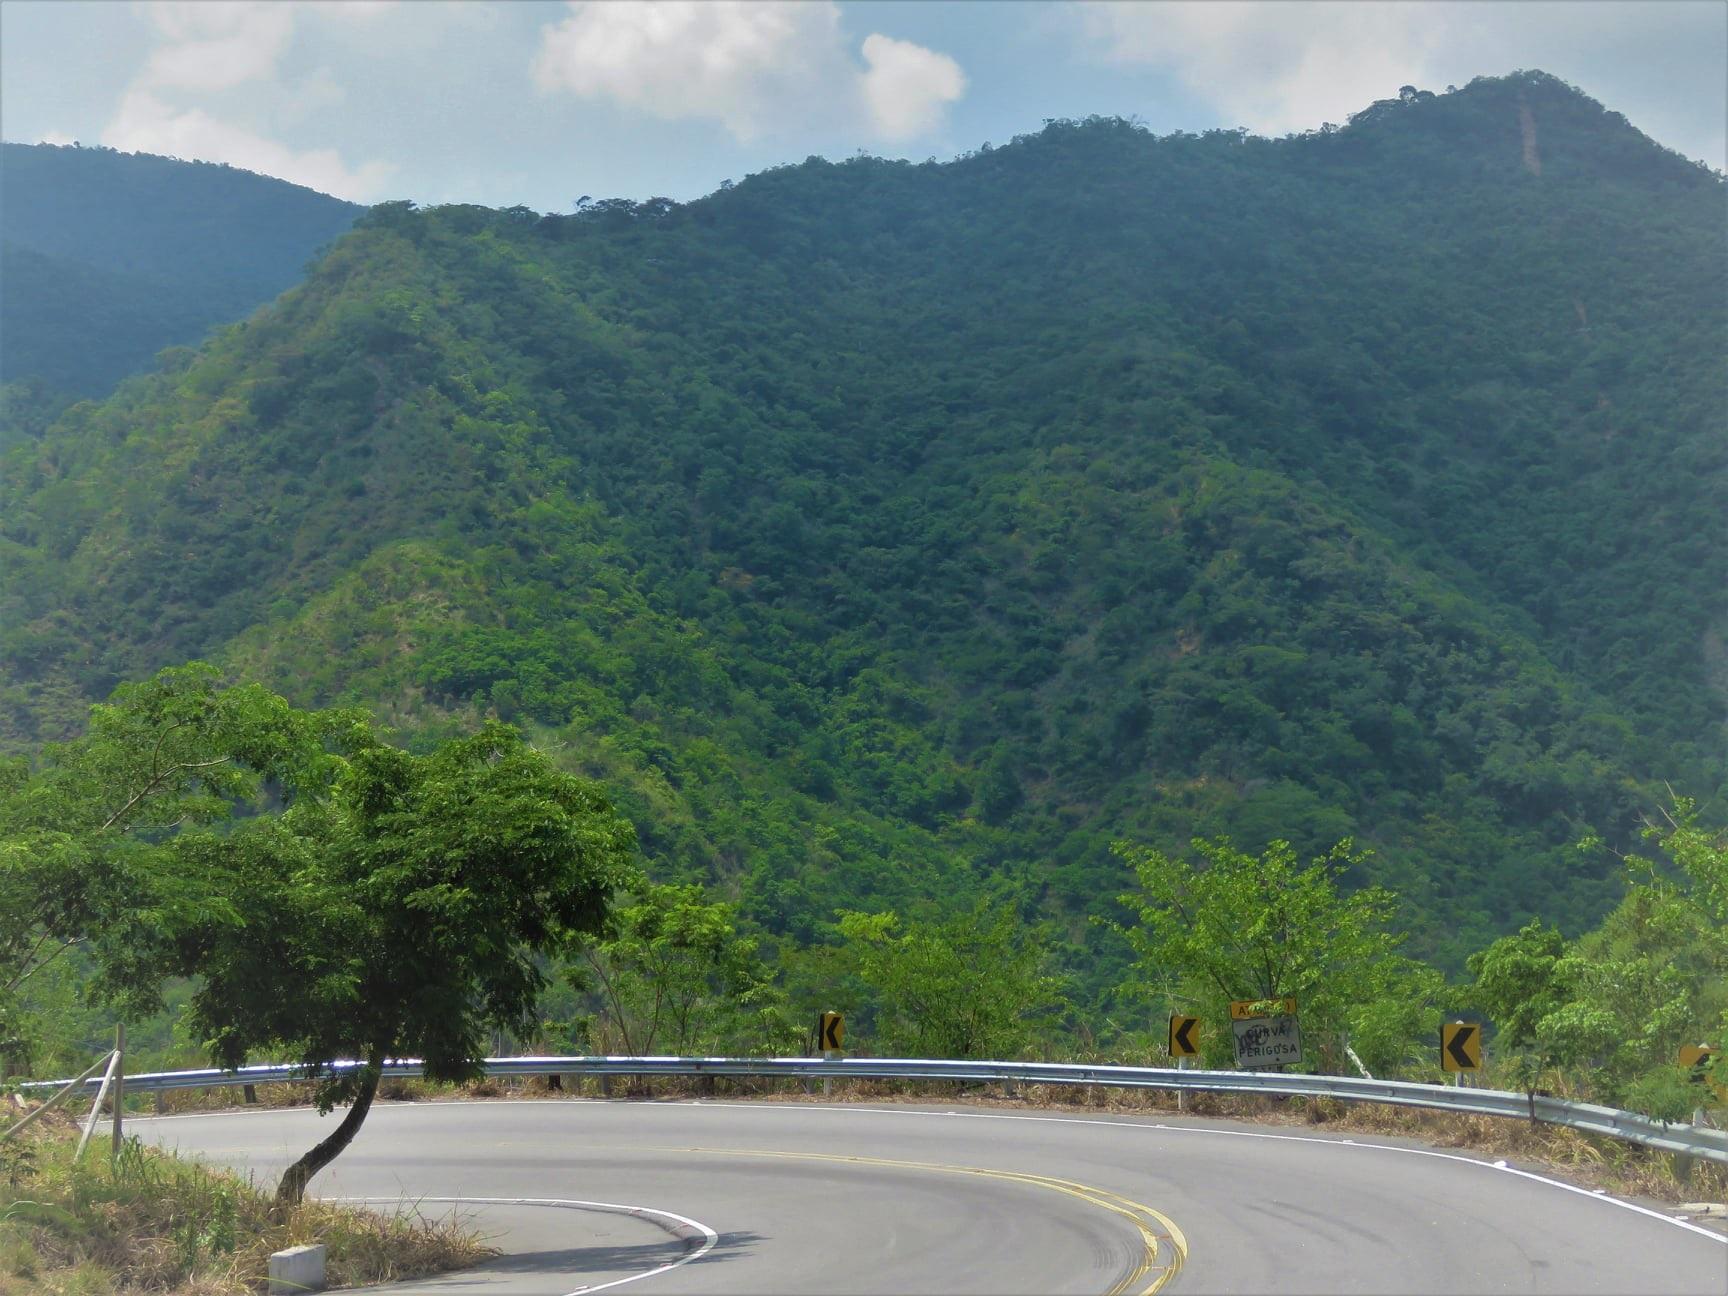 Antes e depois, as imagens vistas da rodovia que corta a serra que leva ao município. Foto Divulgação